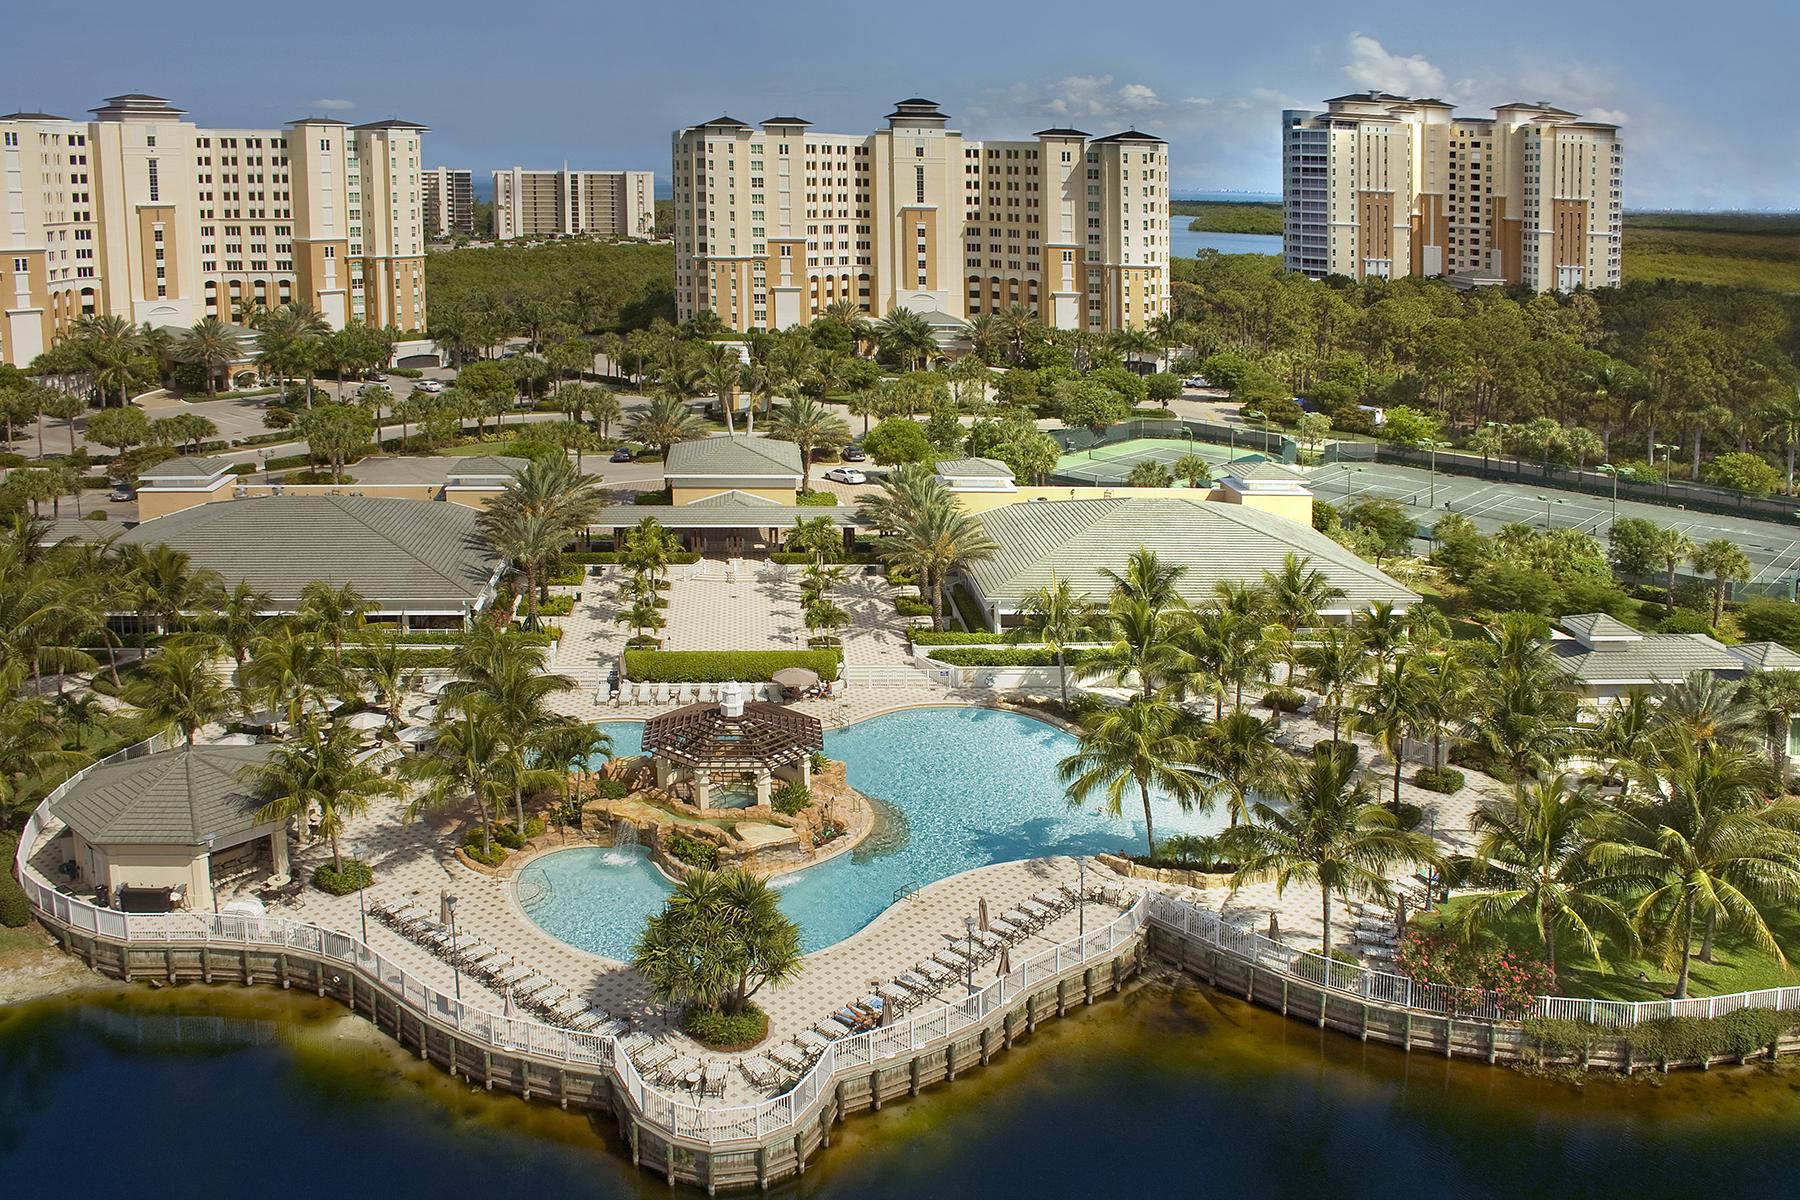 共管式独立产权公寓 为 销售 在 THE DUNES - ANTIGUA 300 Dunes Blvd 105 那不勒斯, 佛罗里达州, 34110 美国